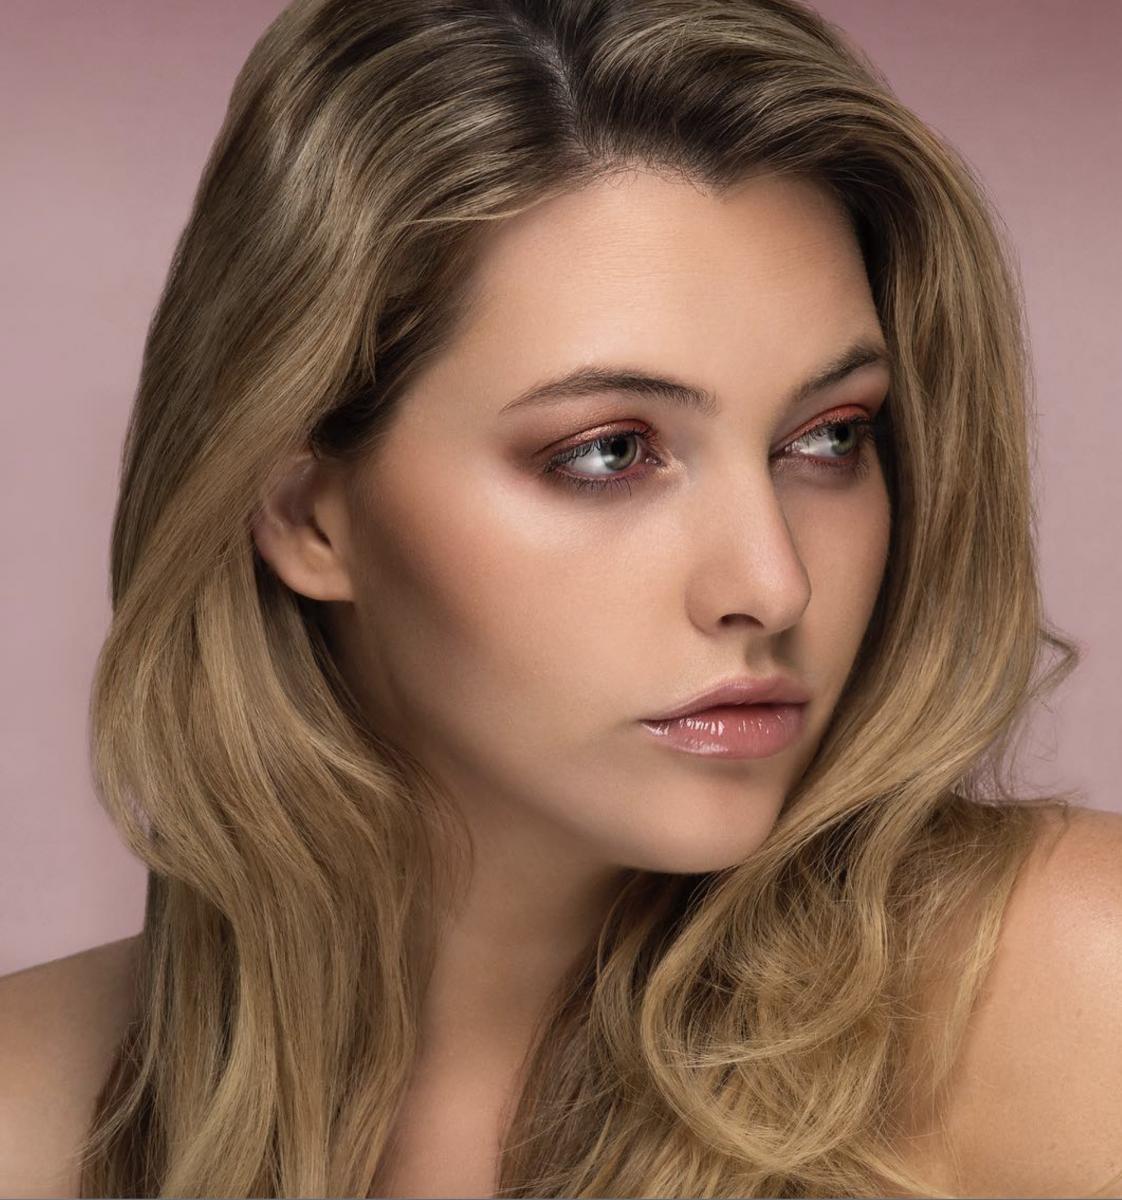 Balistarz-model-Jess-Earle-sideways-headshot-portrait-shoot